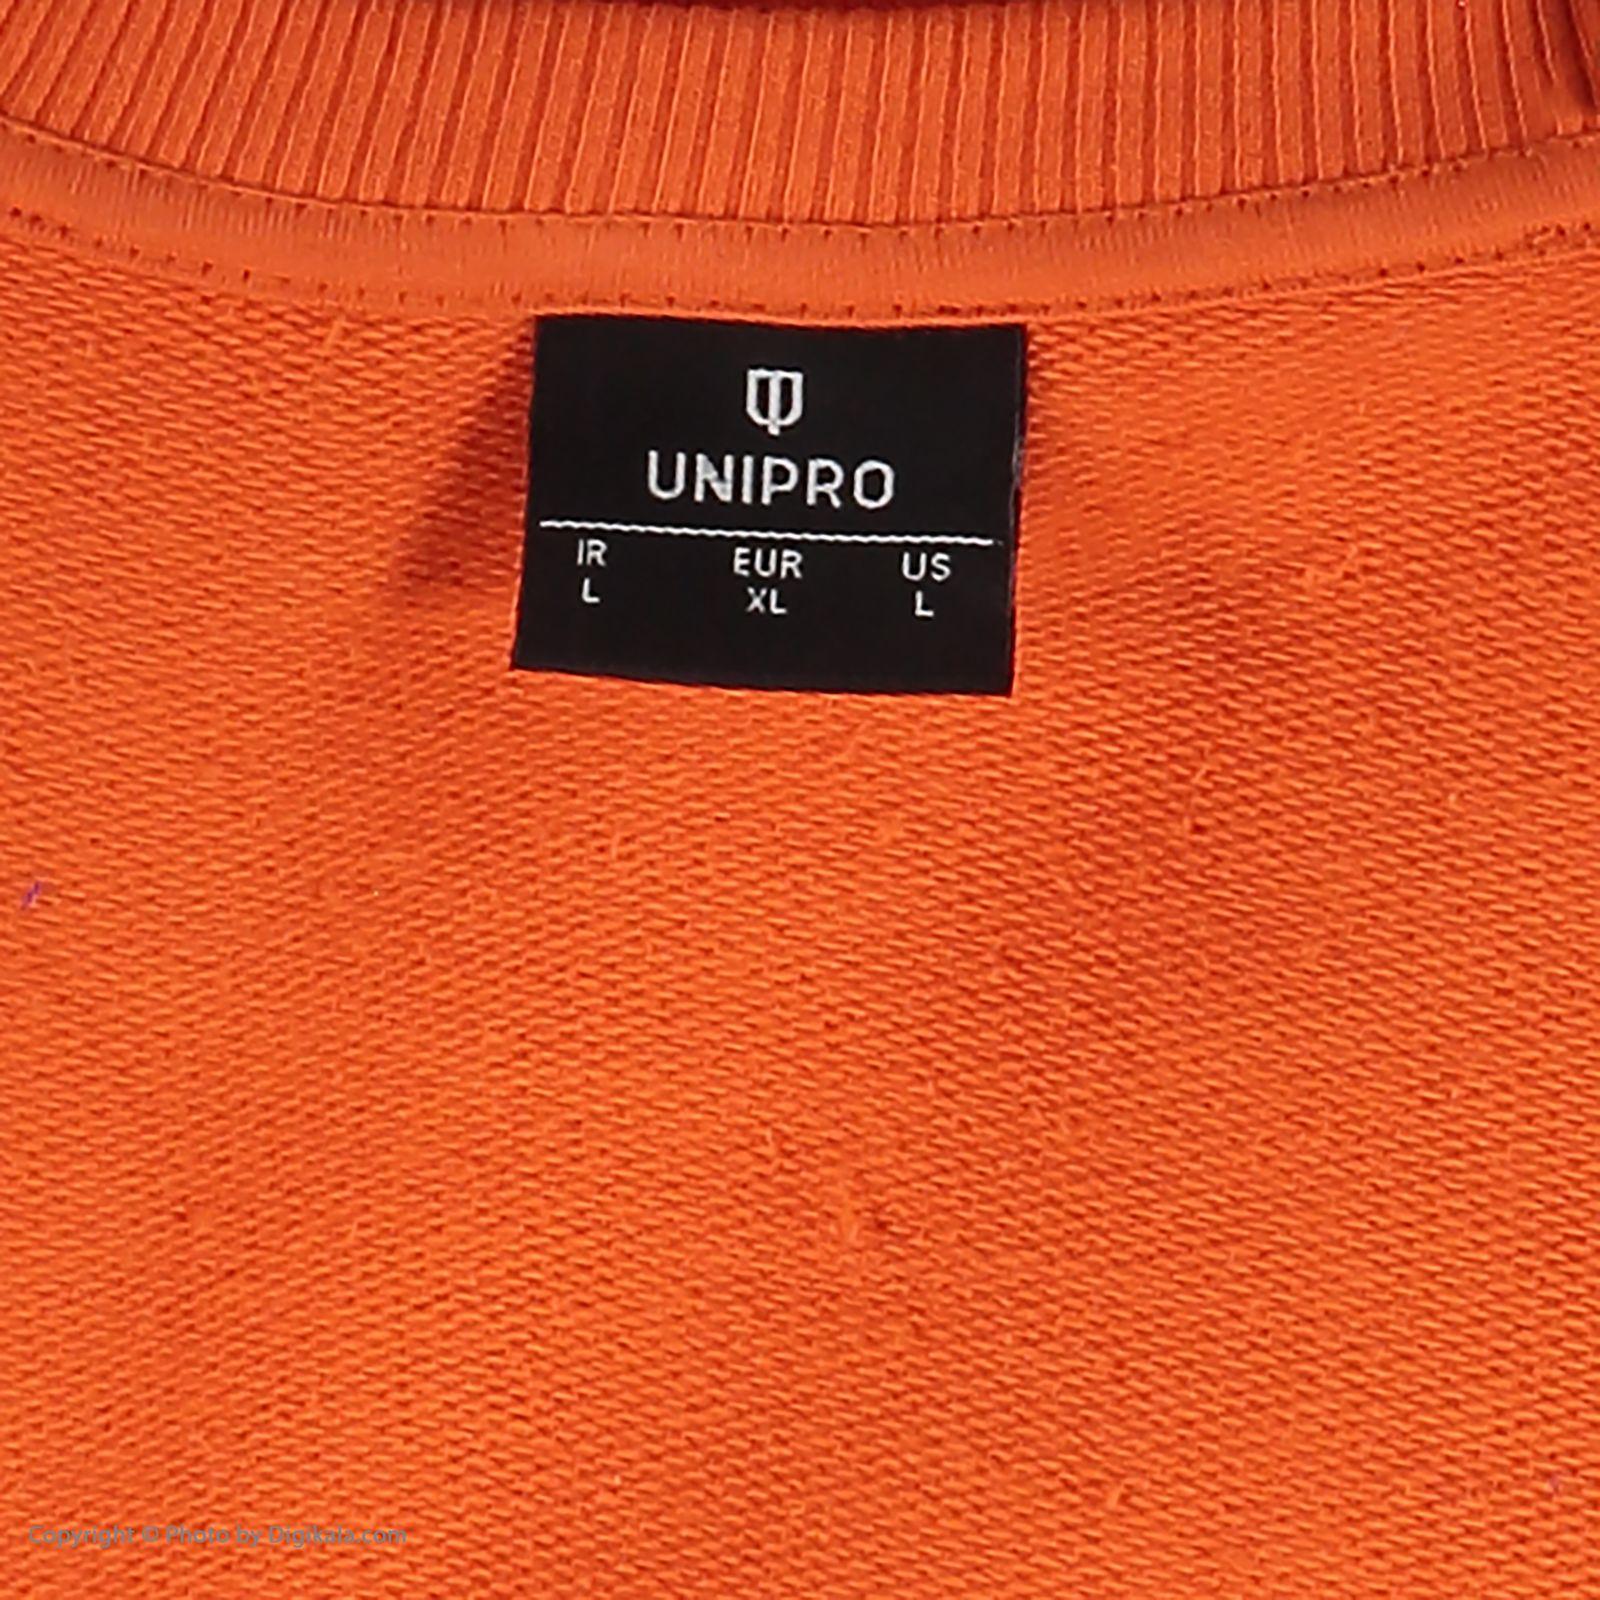 سویشرت ورزشی مردانه یونی پرو مدل 911179305-30 -  - 6